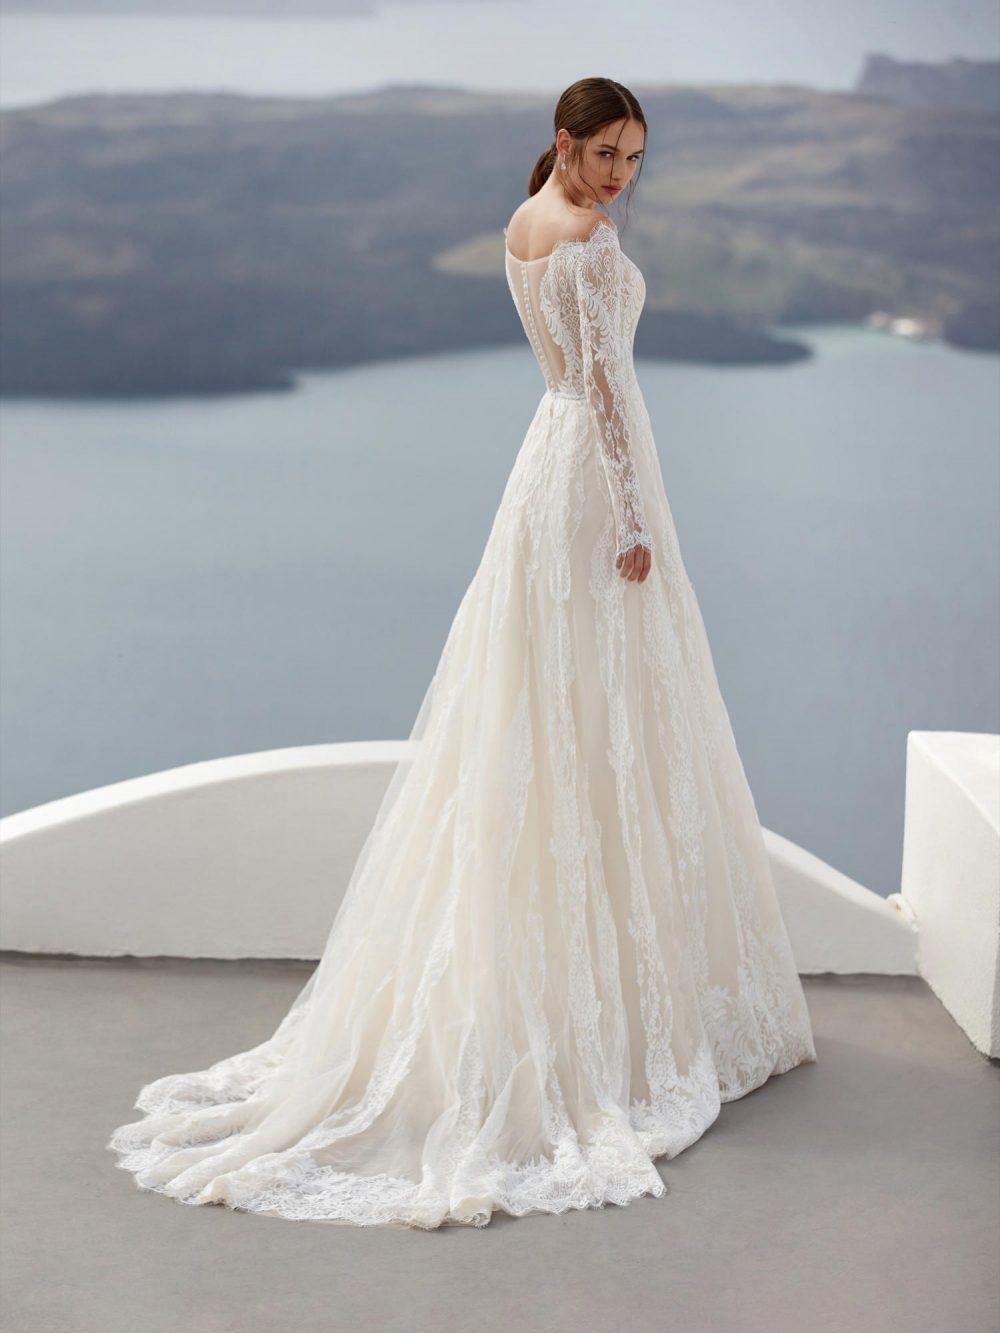 Jolies 2022 abito vestito sposa Vicenza Laysan